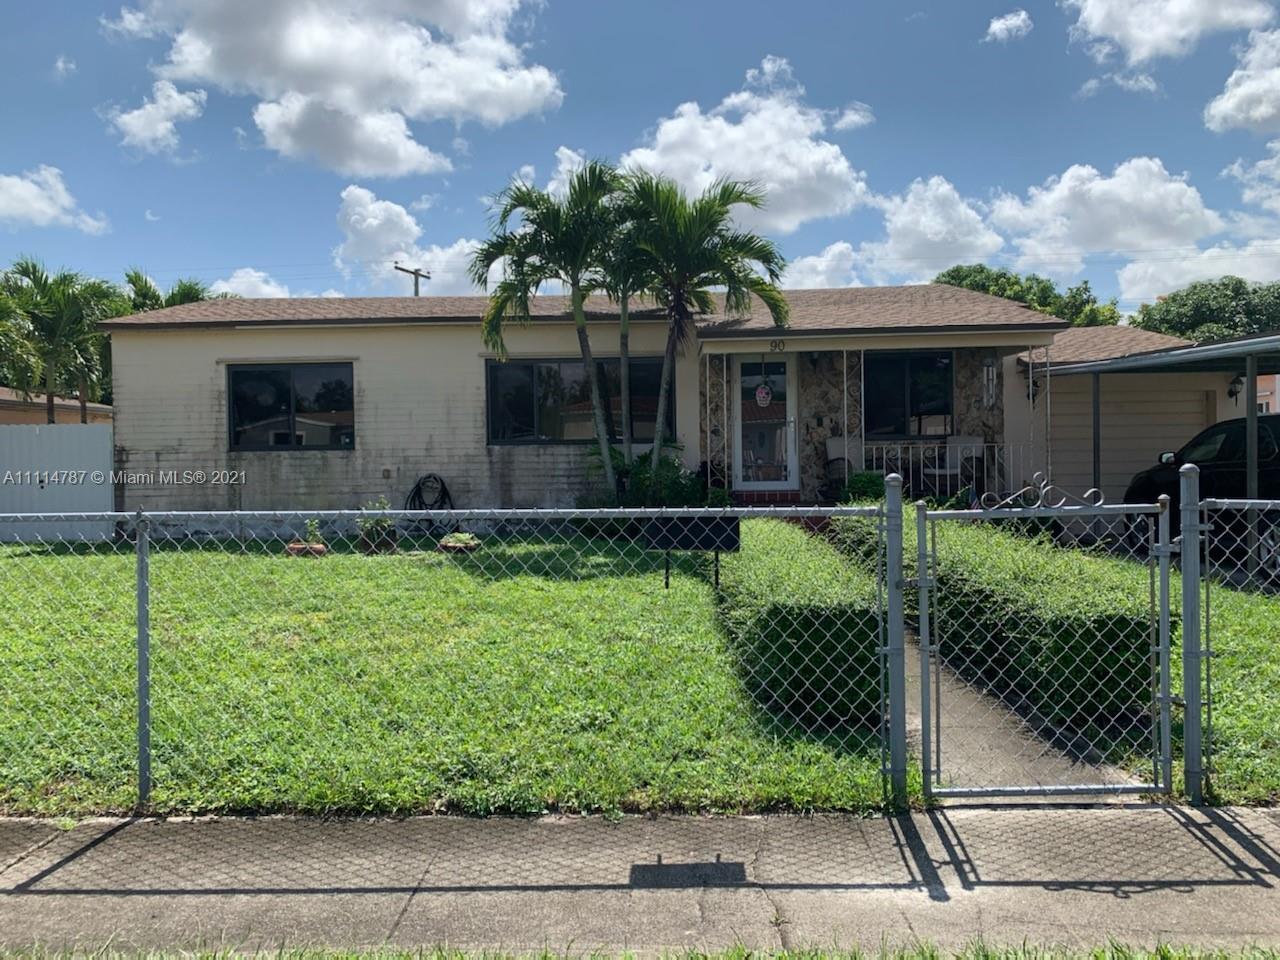 Palm Spring - 90 W 57th St, Hialeah, FL 33012